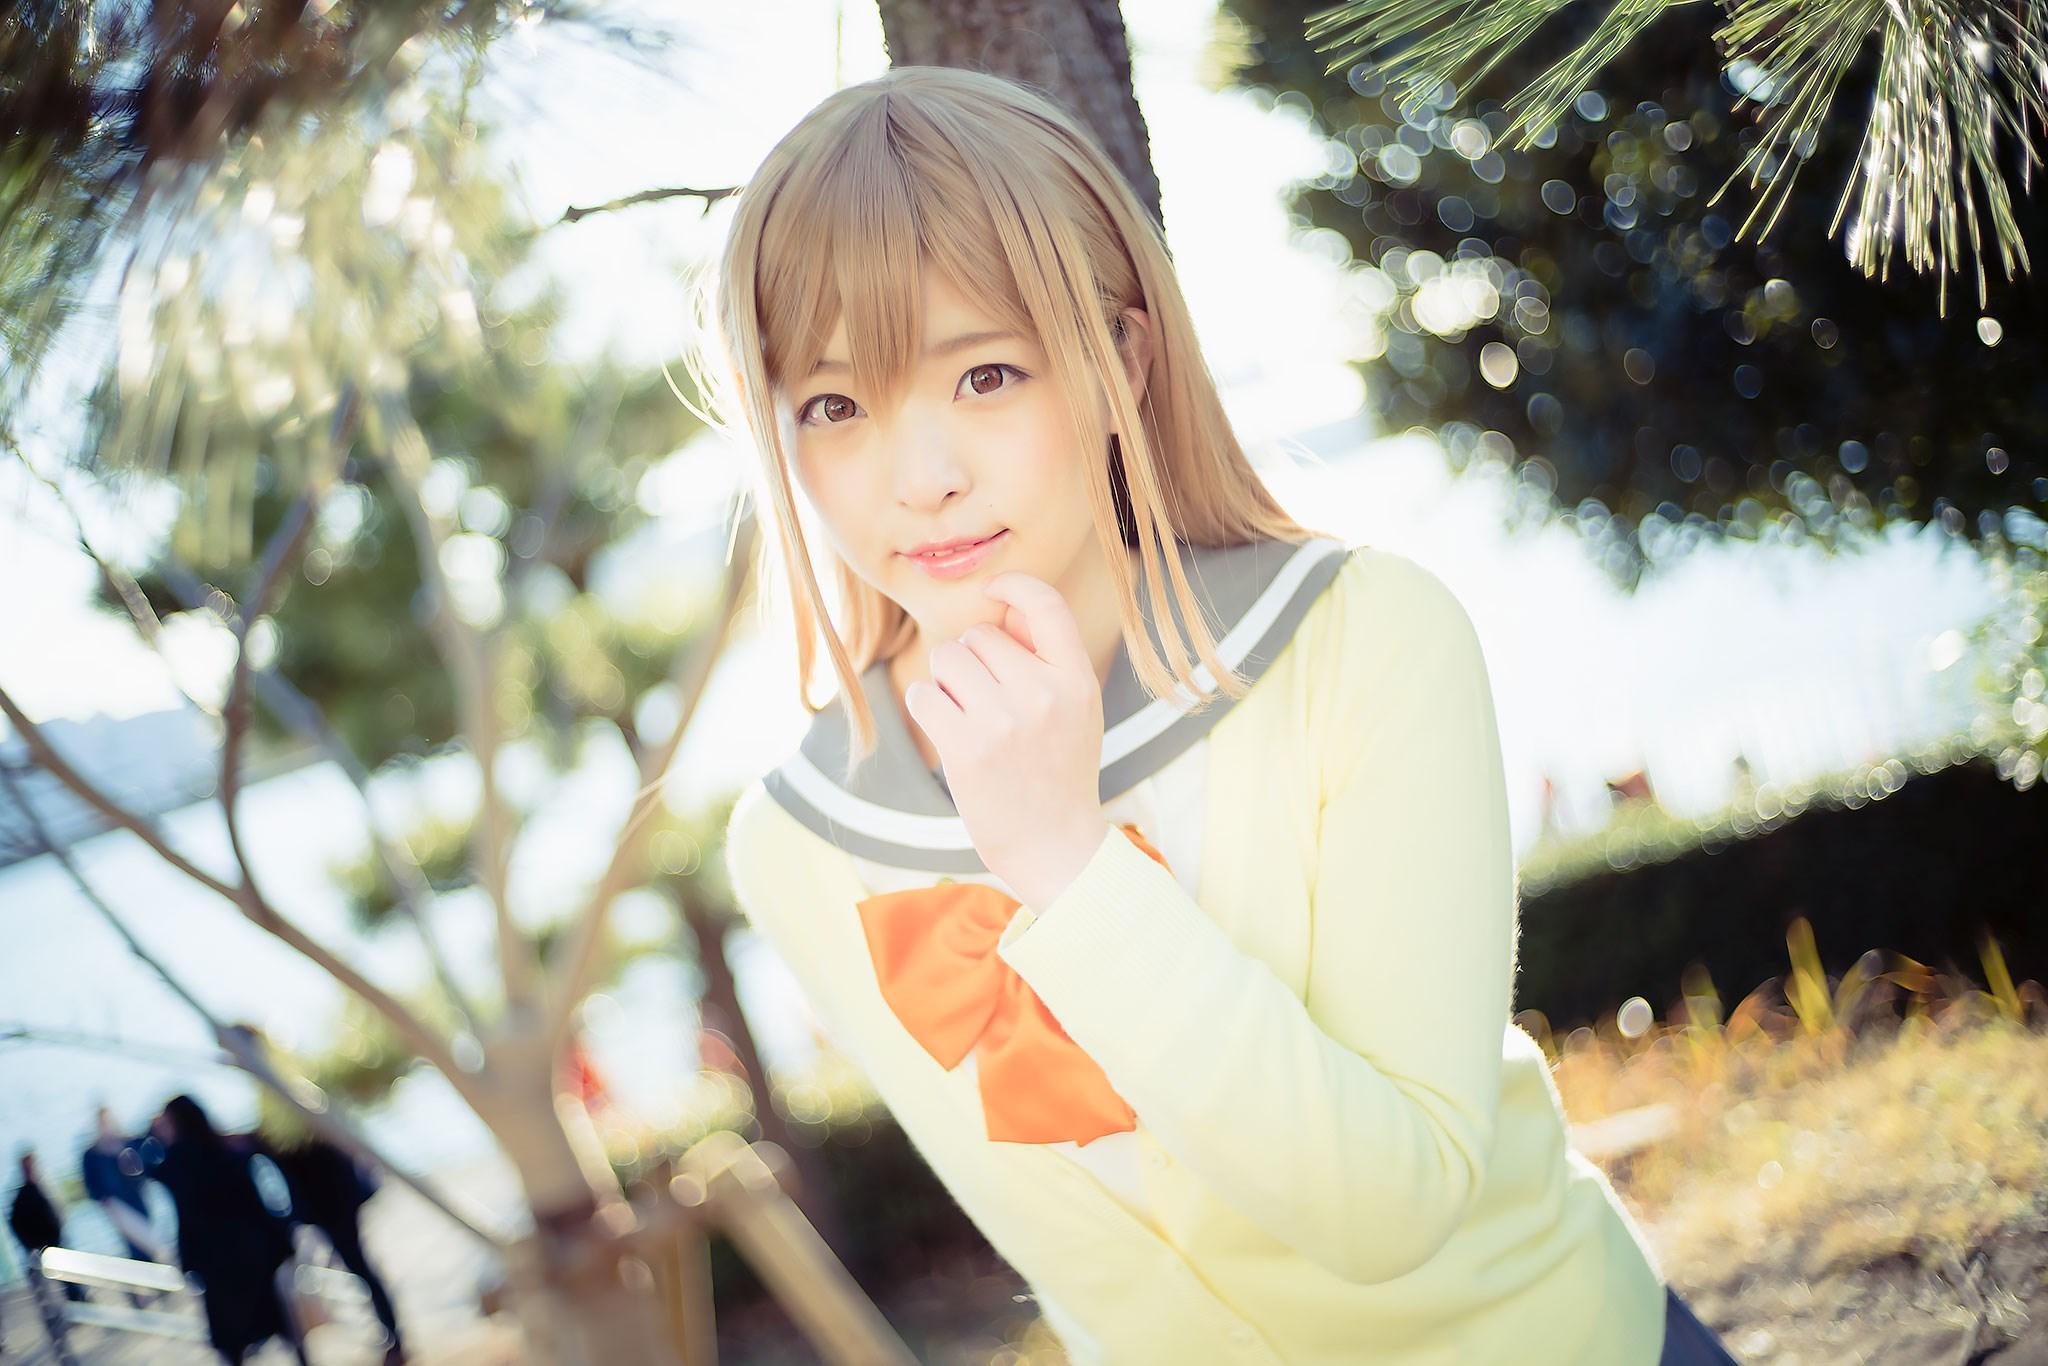 【兔玩映画】阳光与少女 兔玩映画 第40张